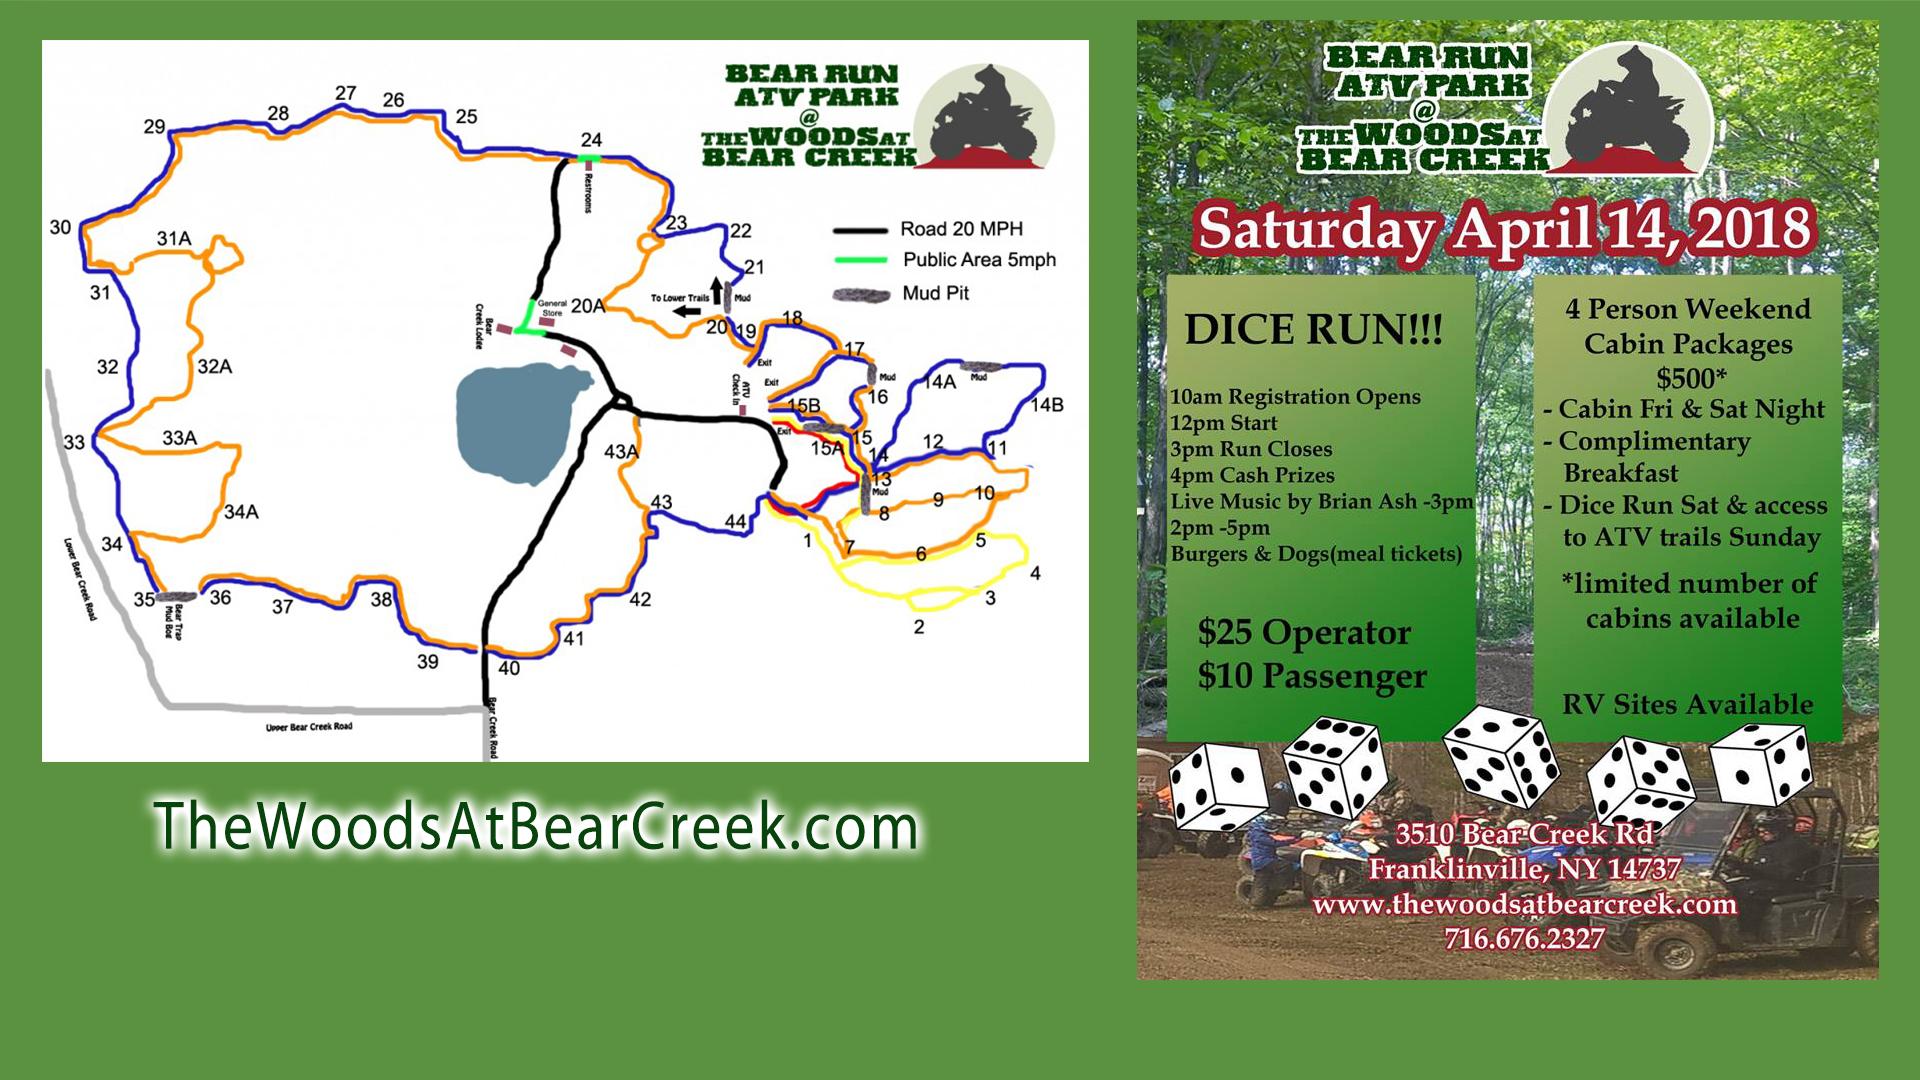 2018 Woods at Bear Creek ATV Dice Run